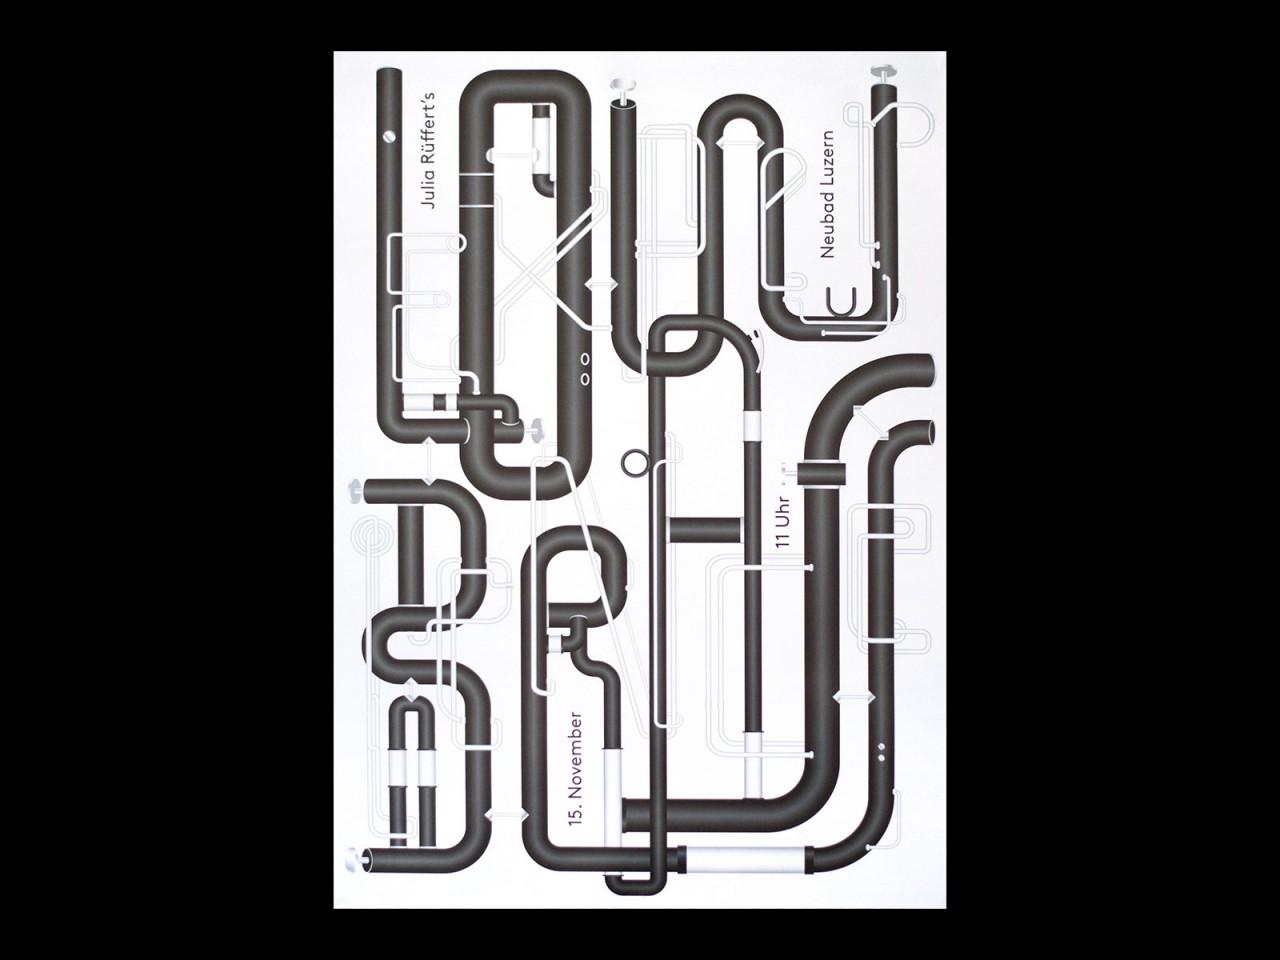 Anders Bakken Neubad posters